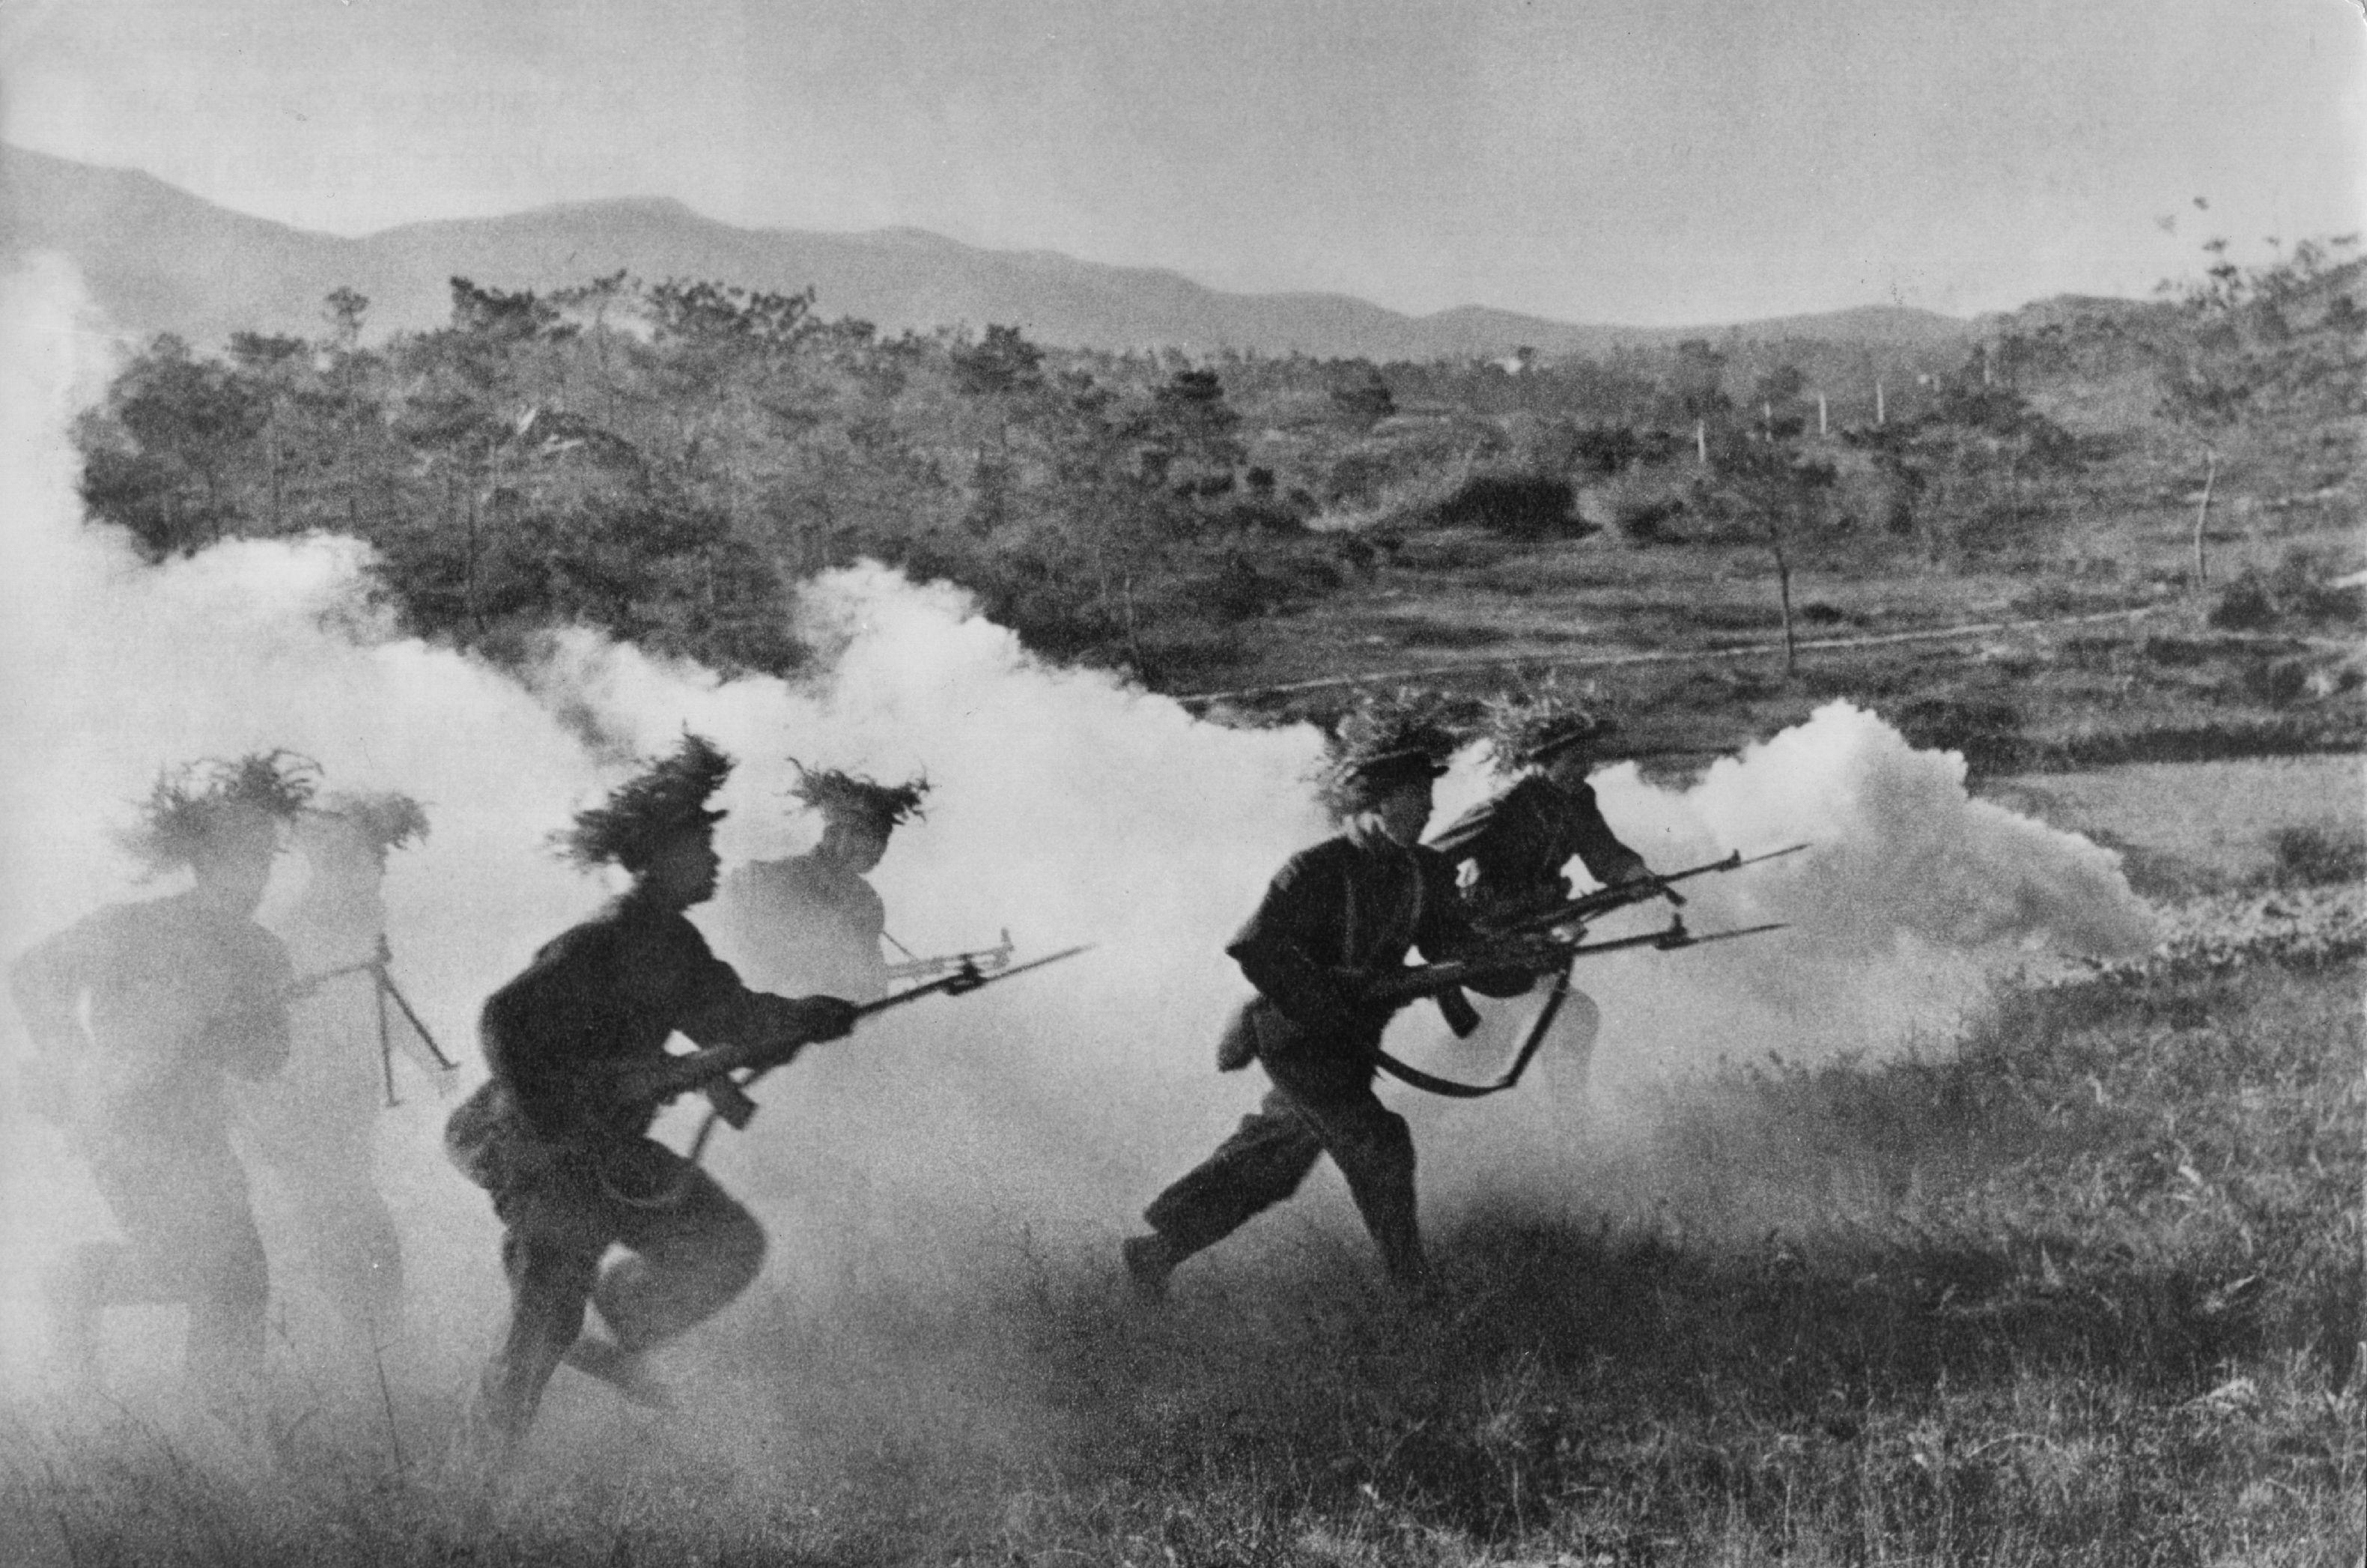 لماذا كان اليابان العدوانية حتى في الحرب العالمية الثانية